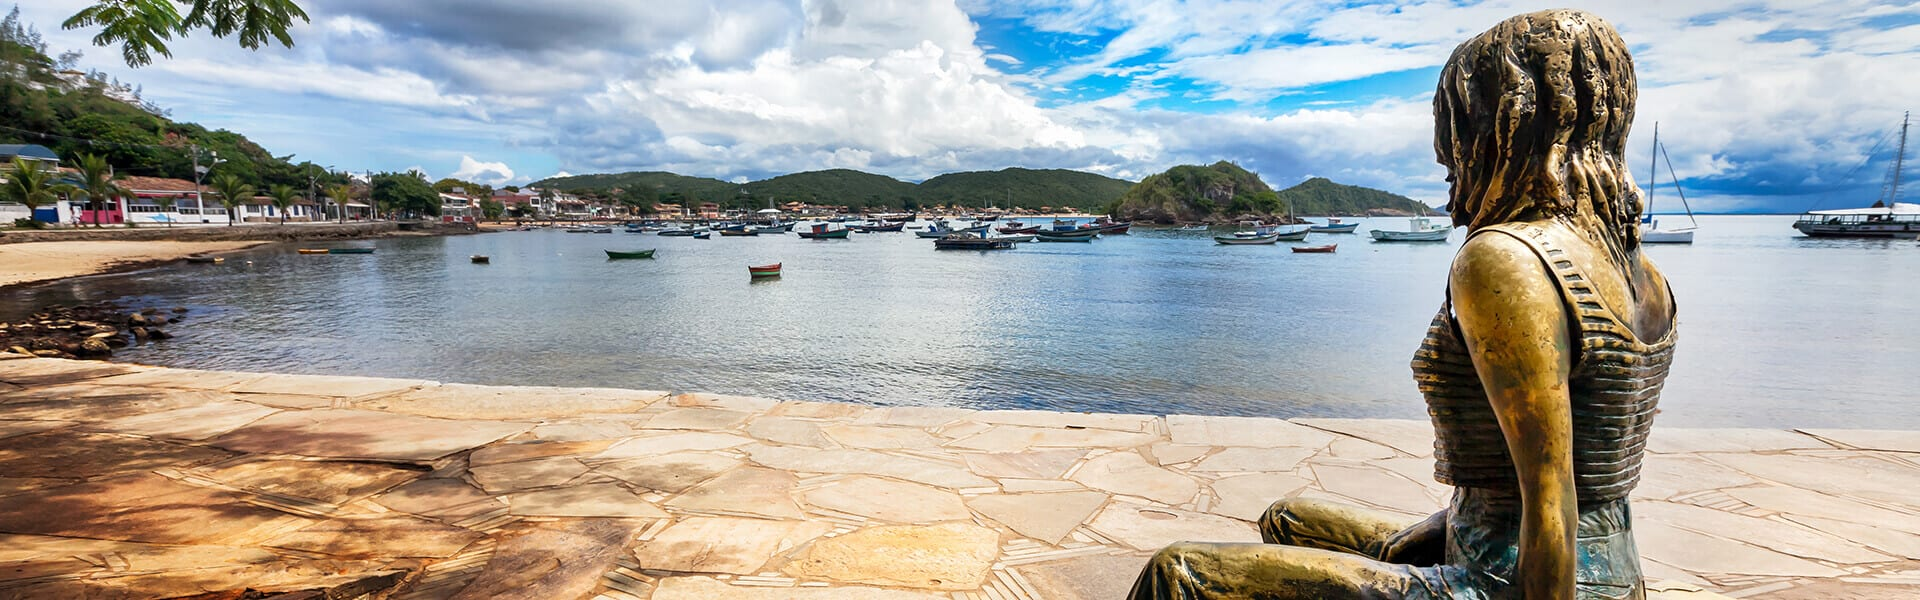 South America: Santos & Buzios to Rio de Janeiro